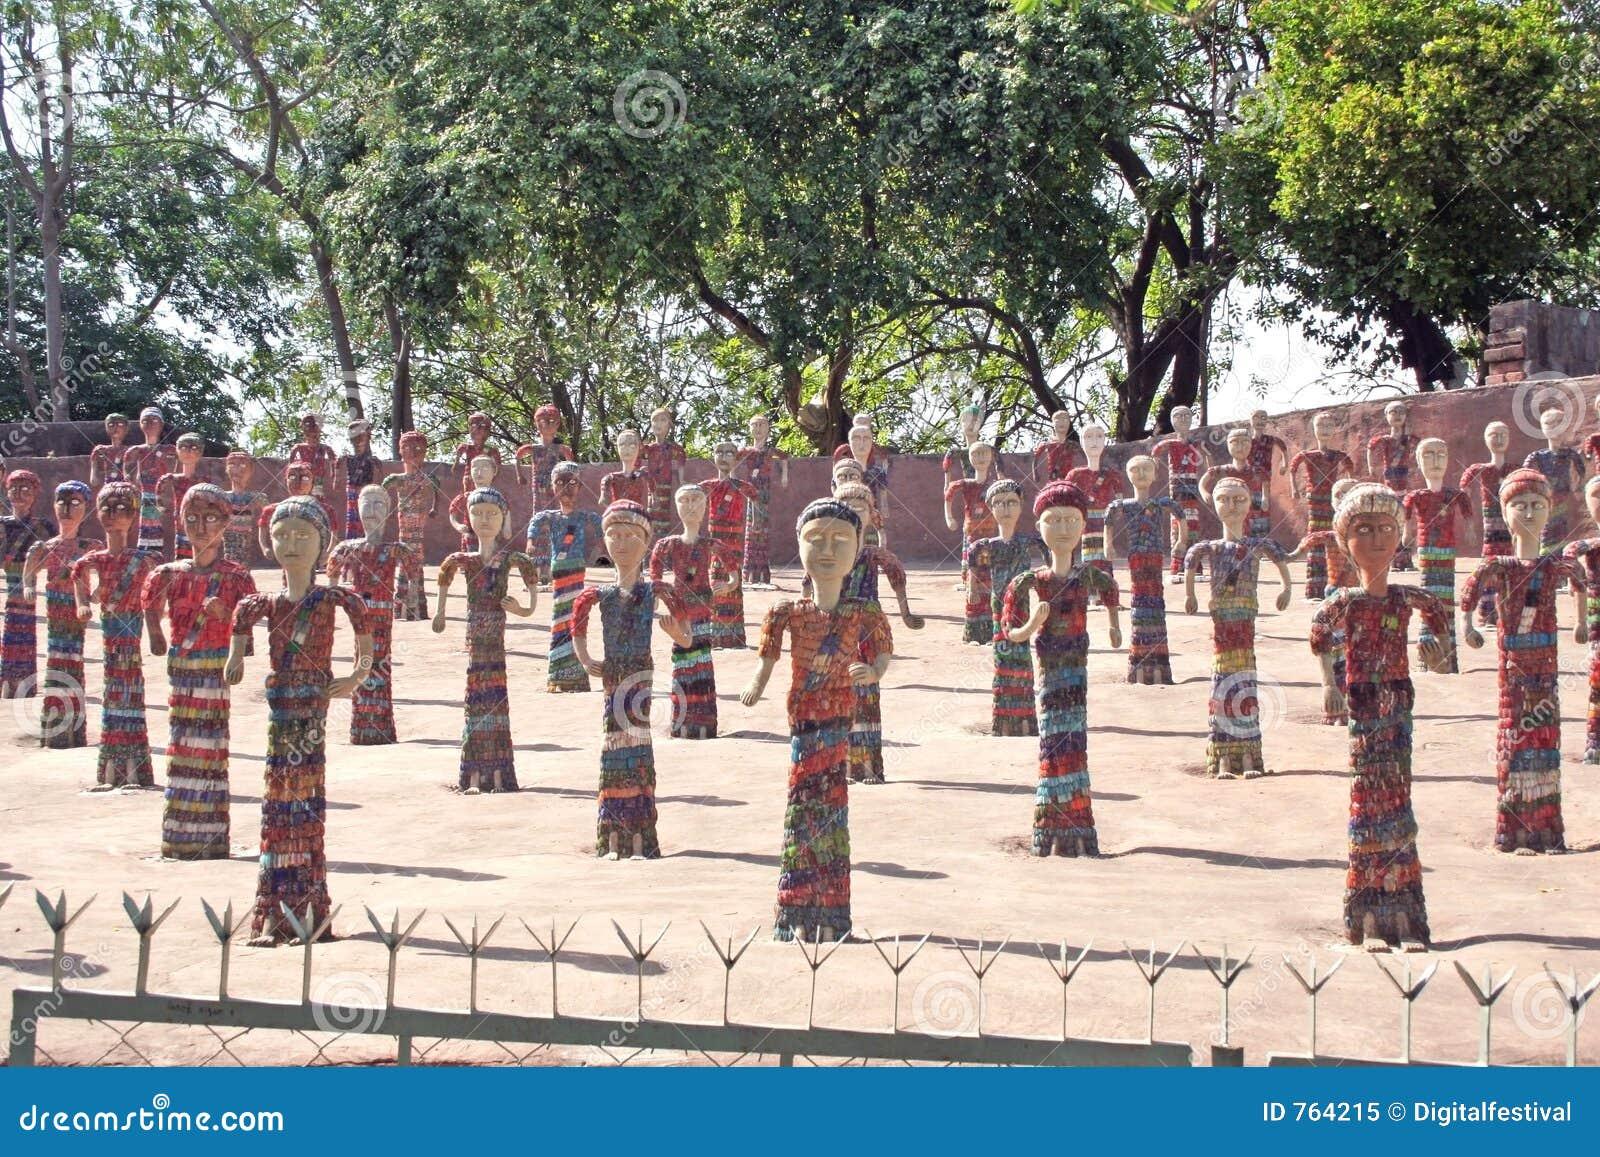 De beeldjes chandigarh india van de rotstuin stock for Landscaping rocks yuba city ca